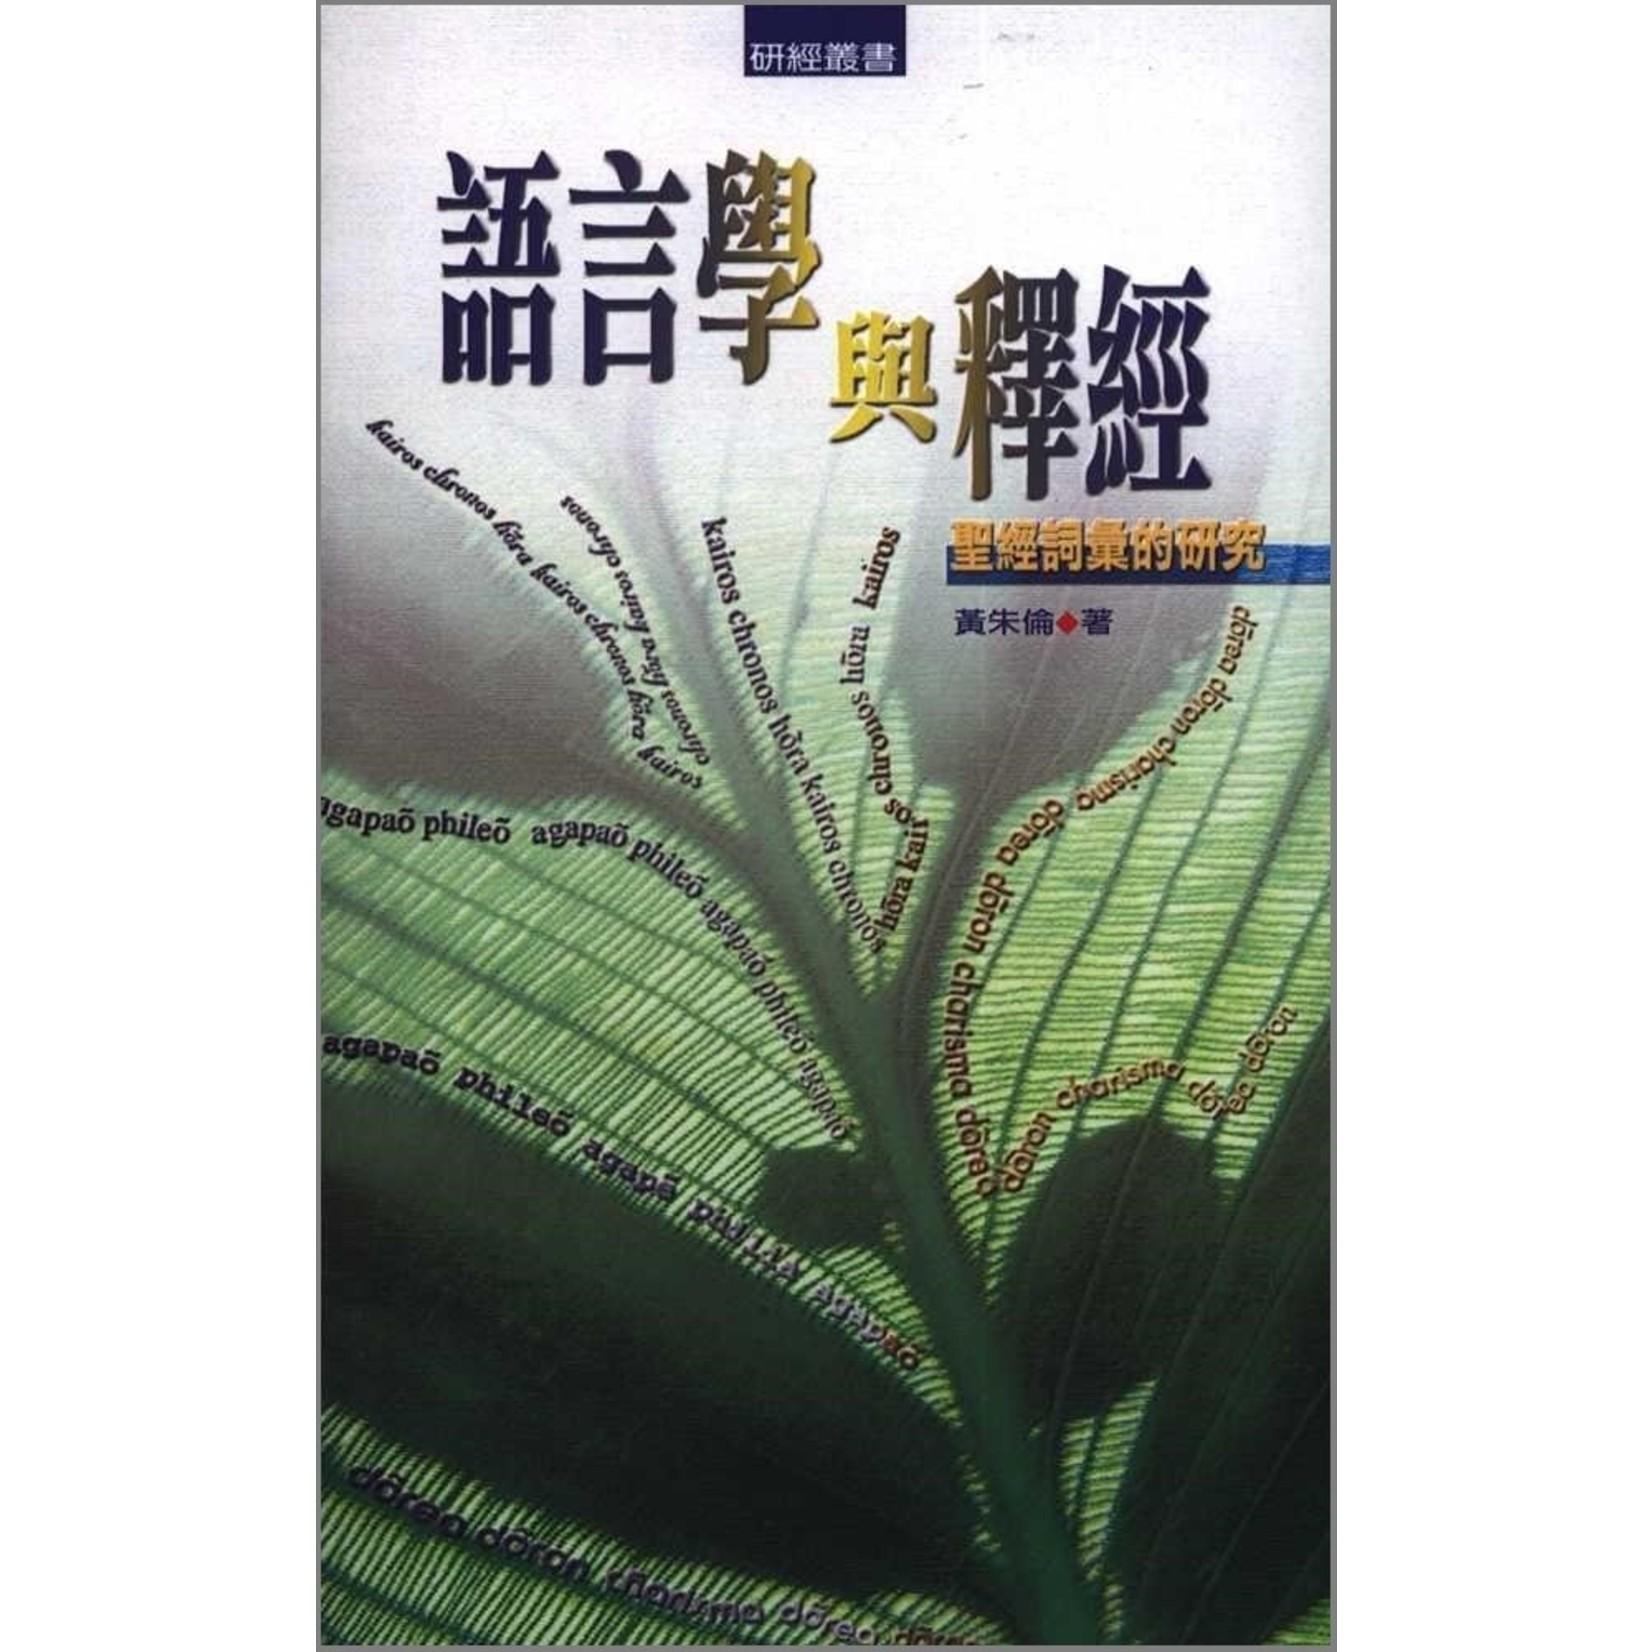 校園書房 Campus Books 語言學與釋經 :聖經詞彙的研究